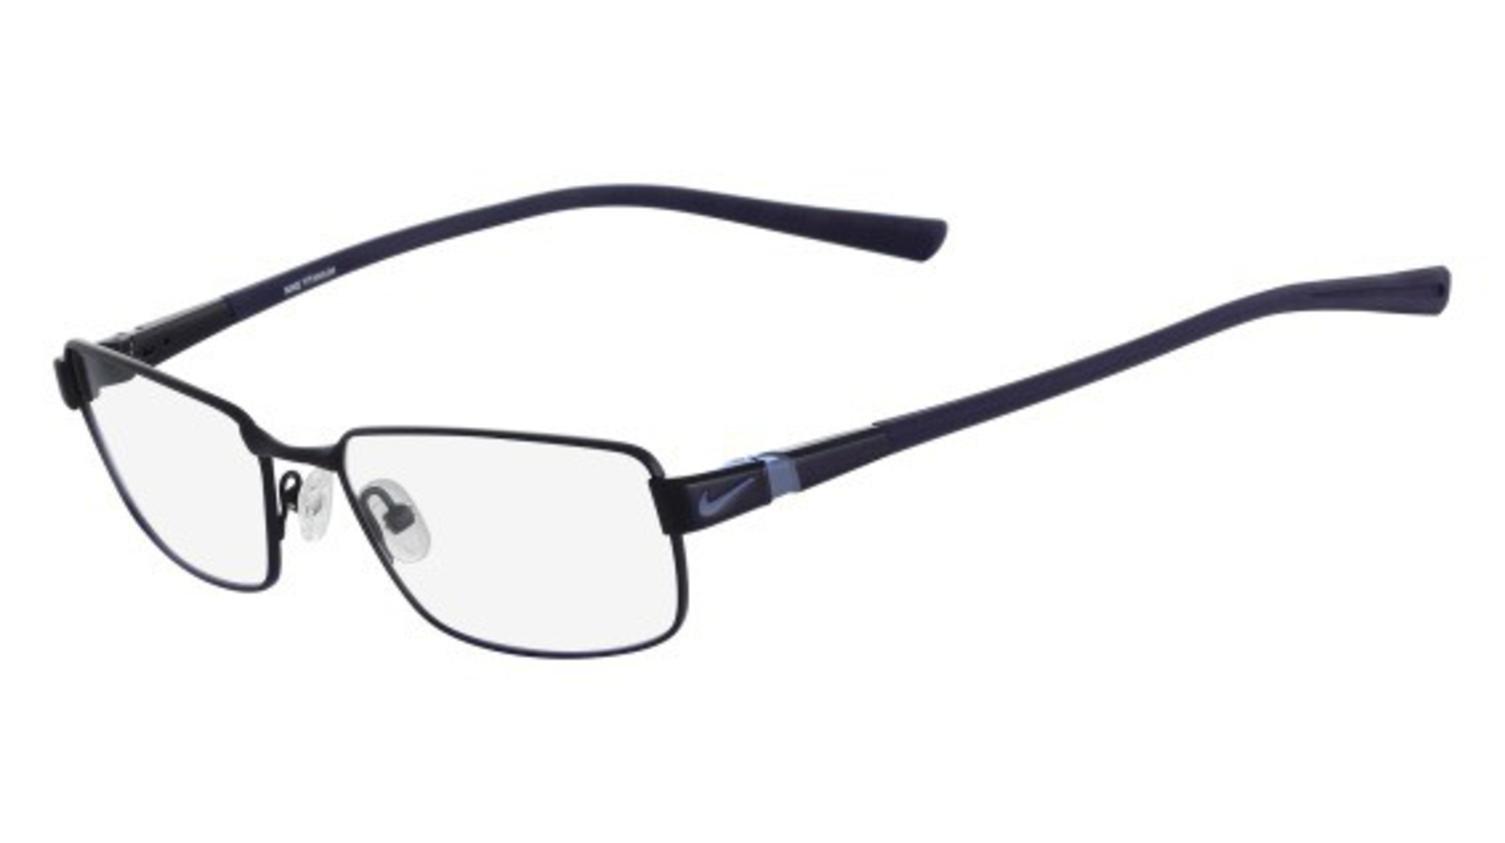 Eyeglasses NIKE 6059 403 SATIN BLUE/OCEAN FOG